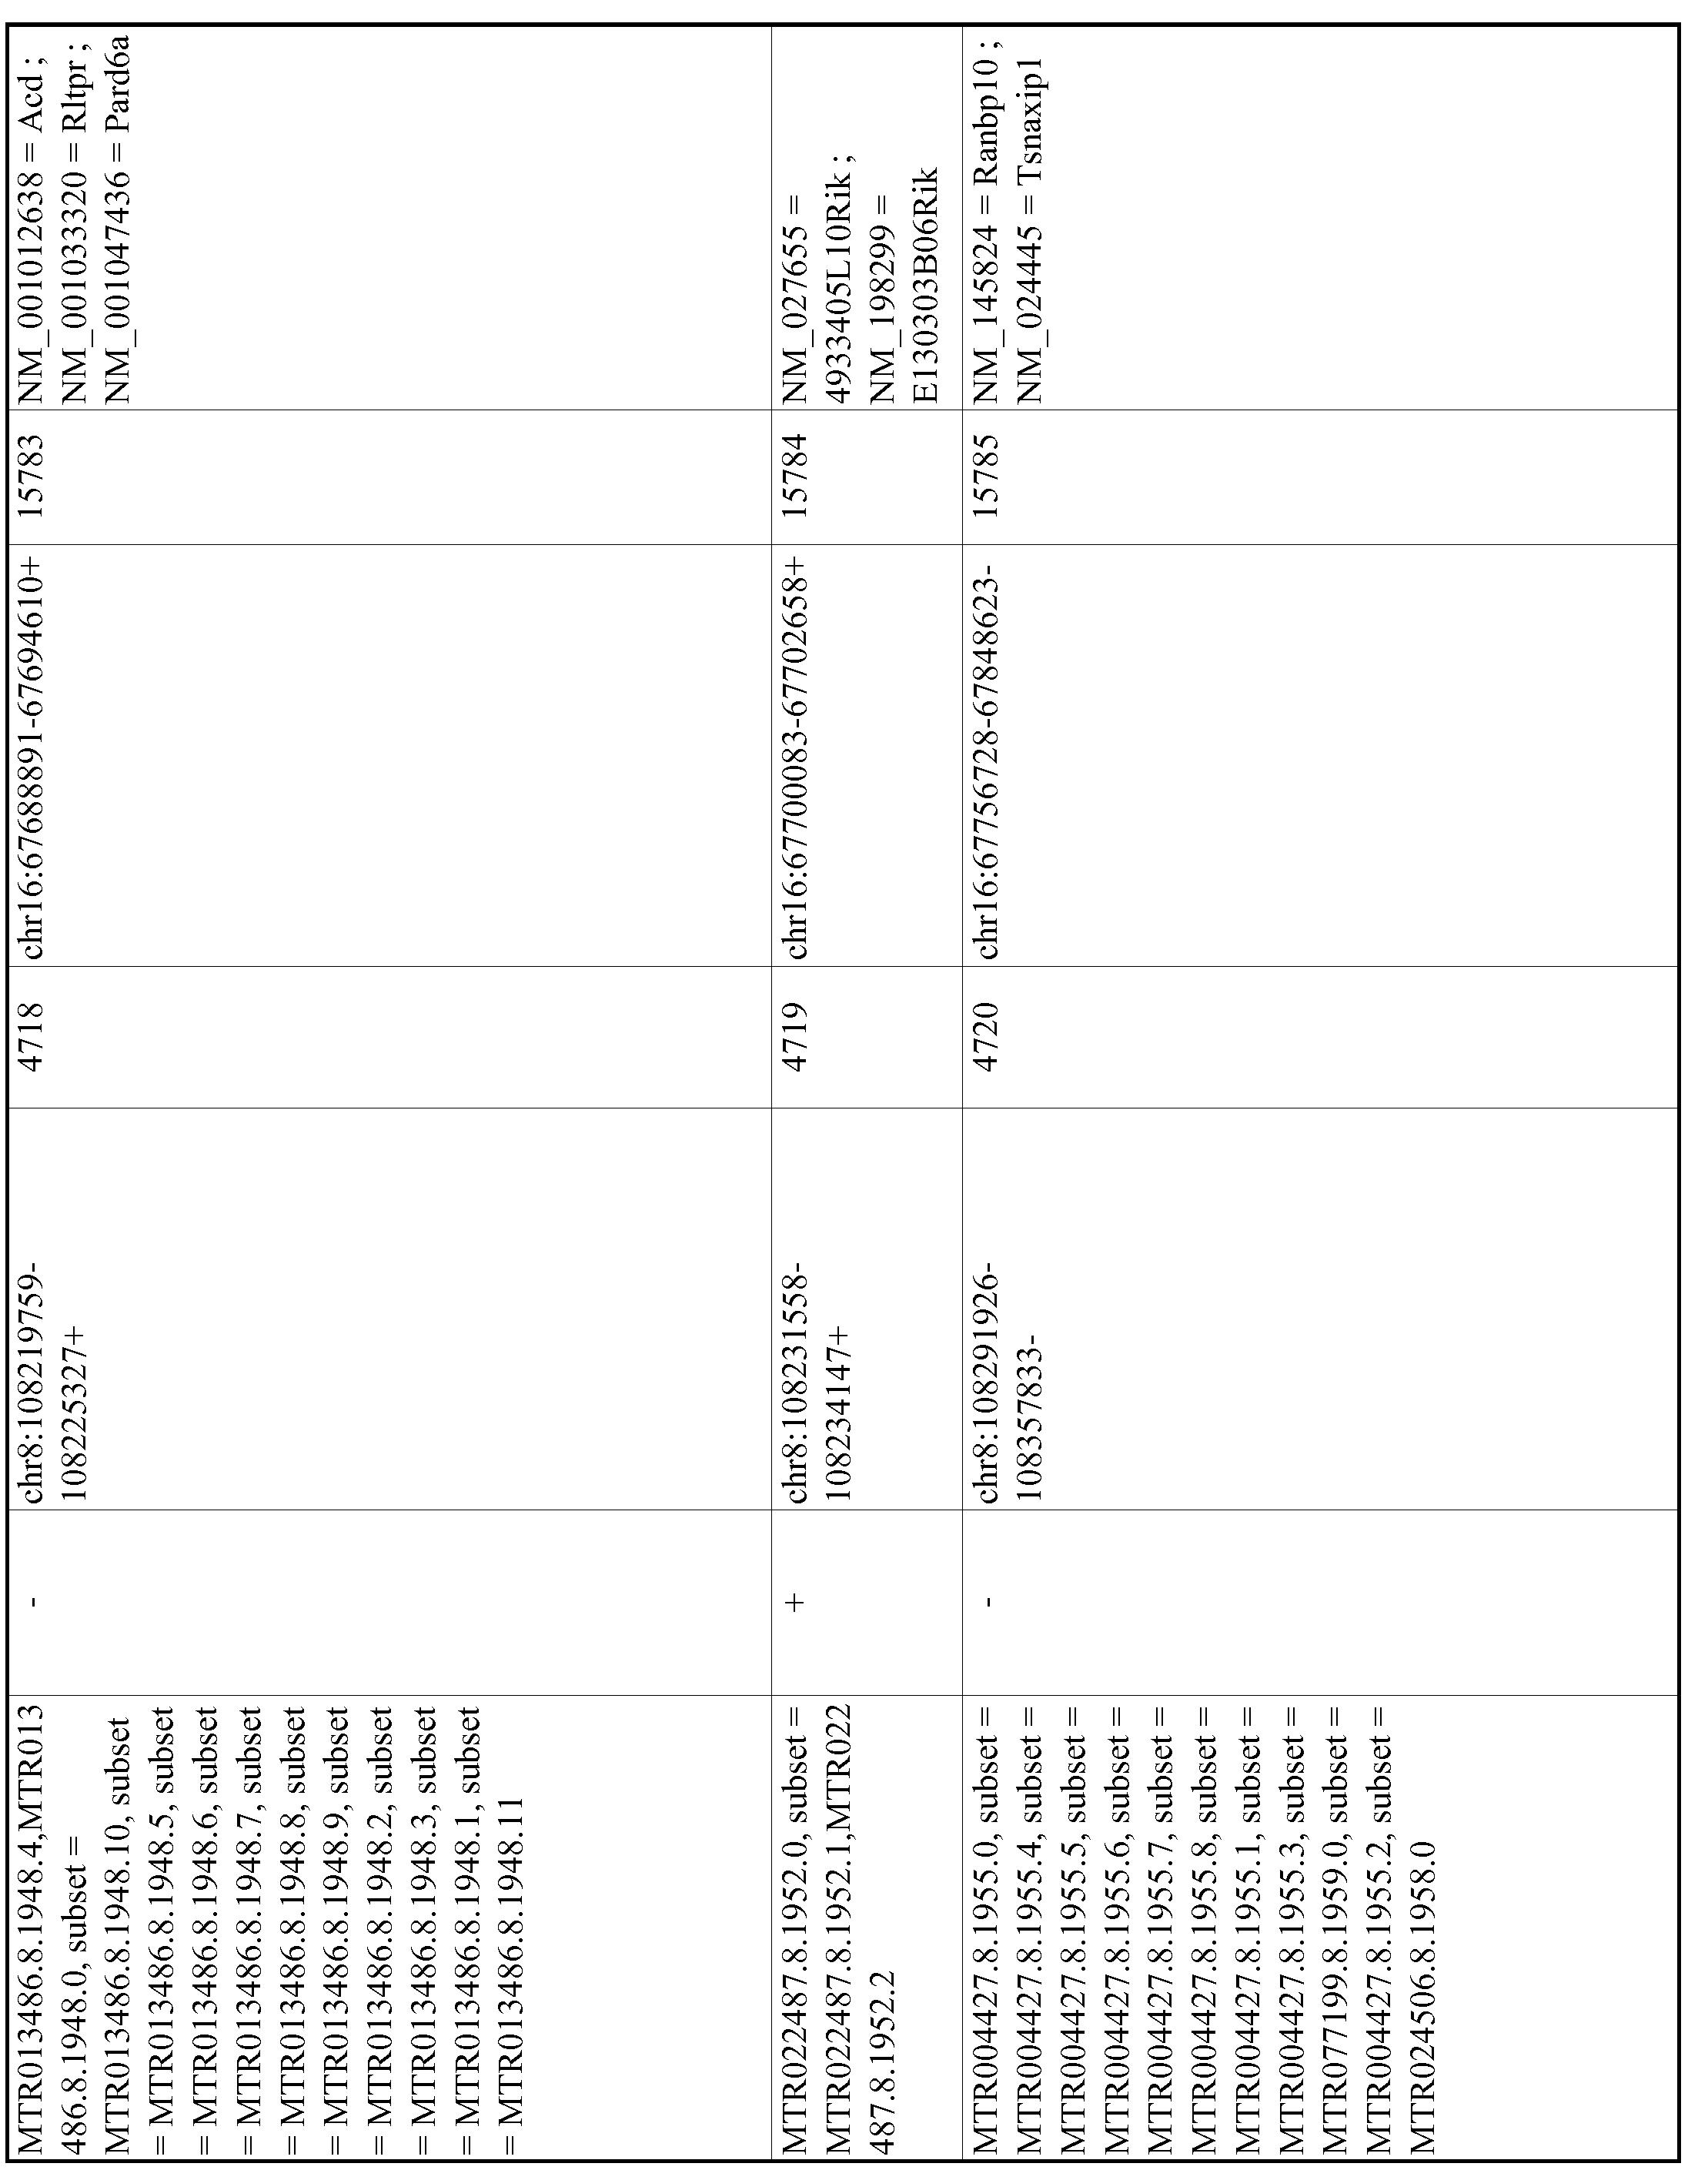 Figure imgf000874_0001